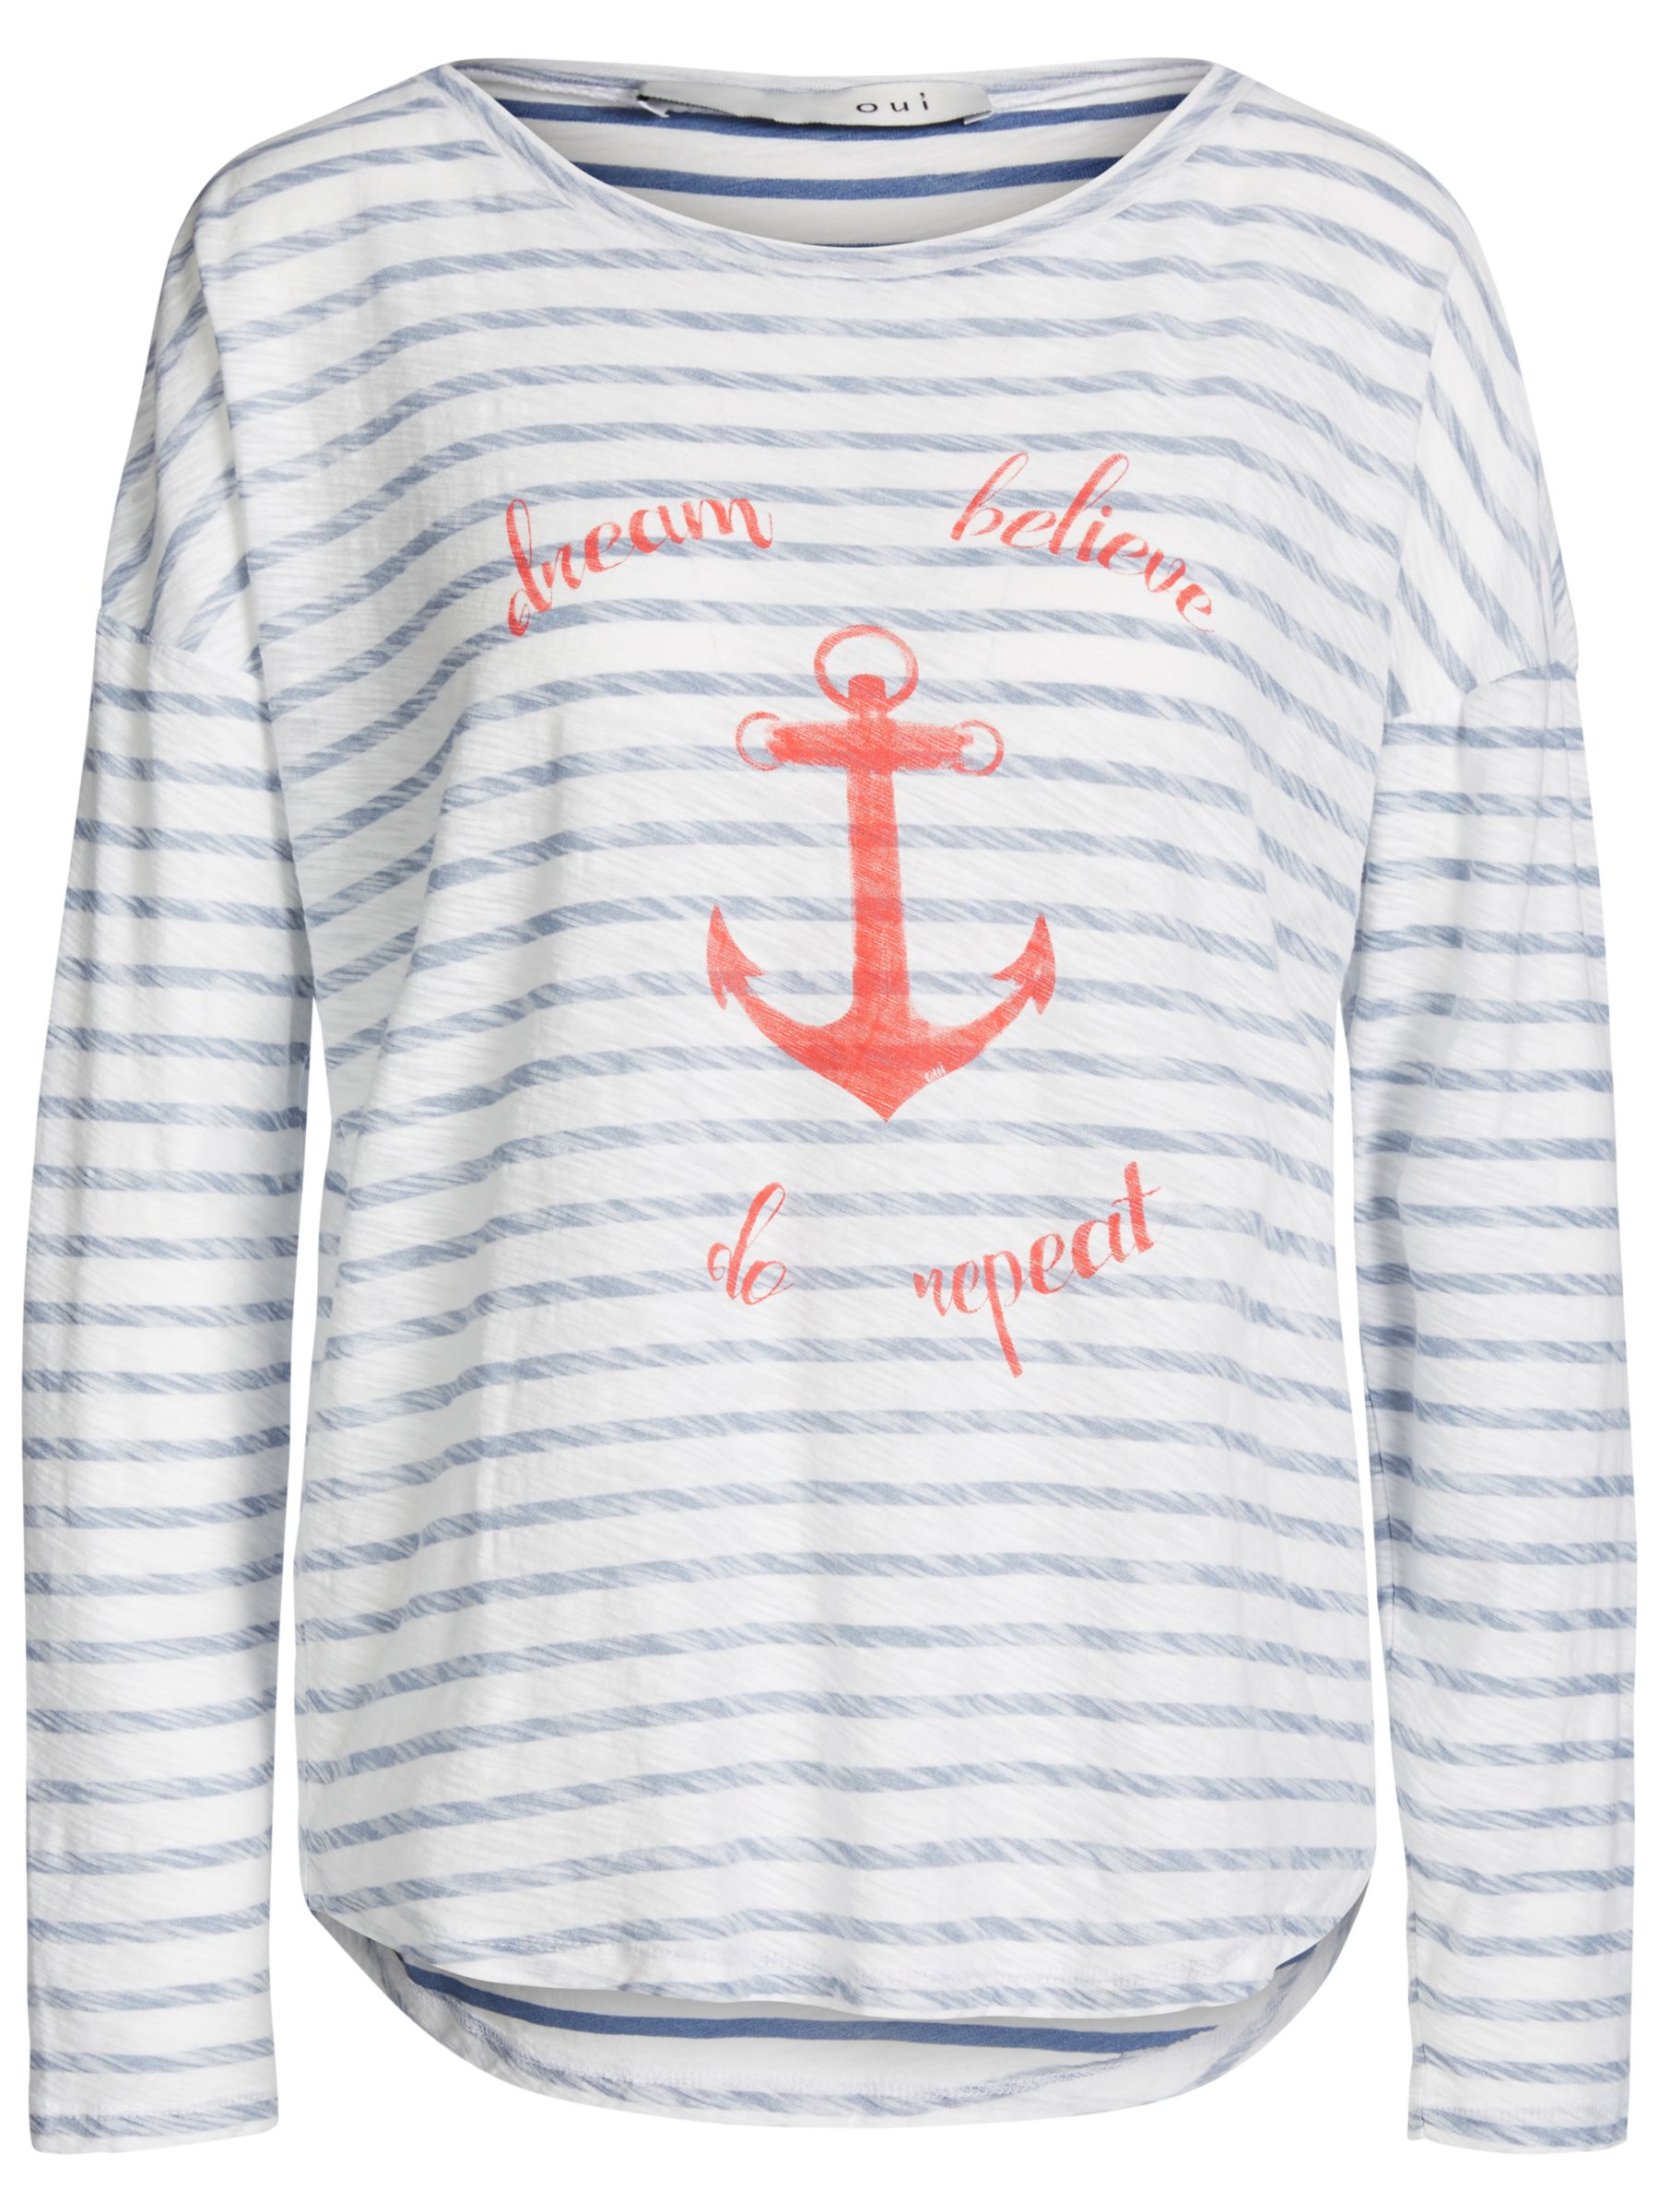 Oui Oui Anchor Stripe T-Shirt, White/Blue